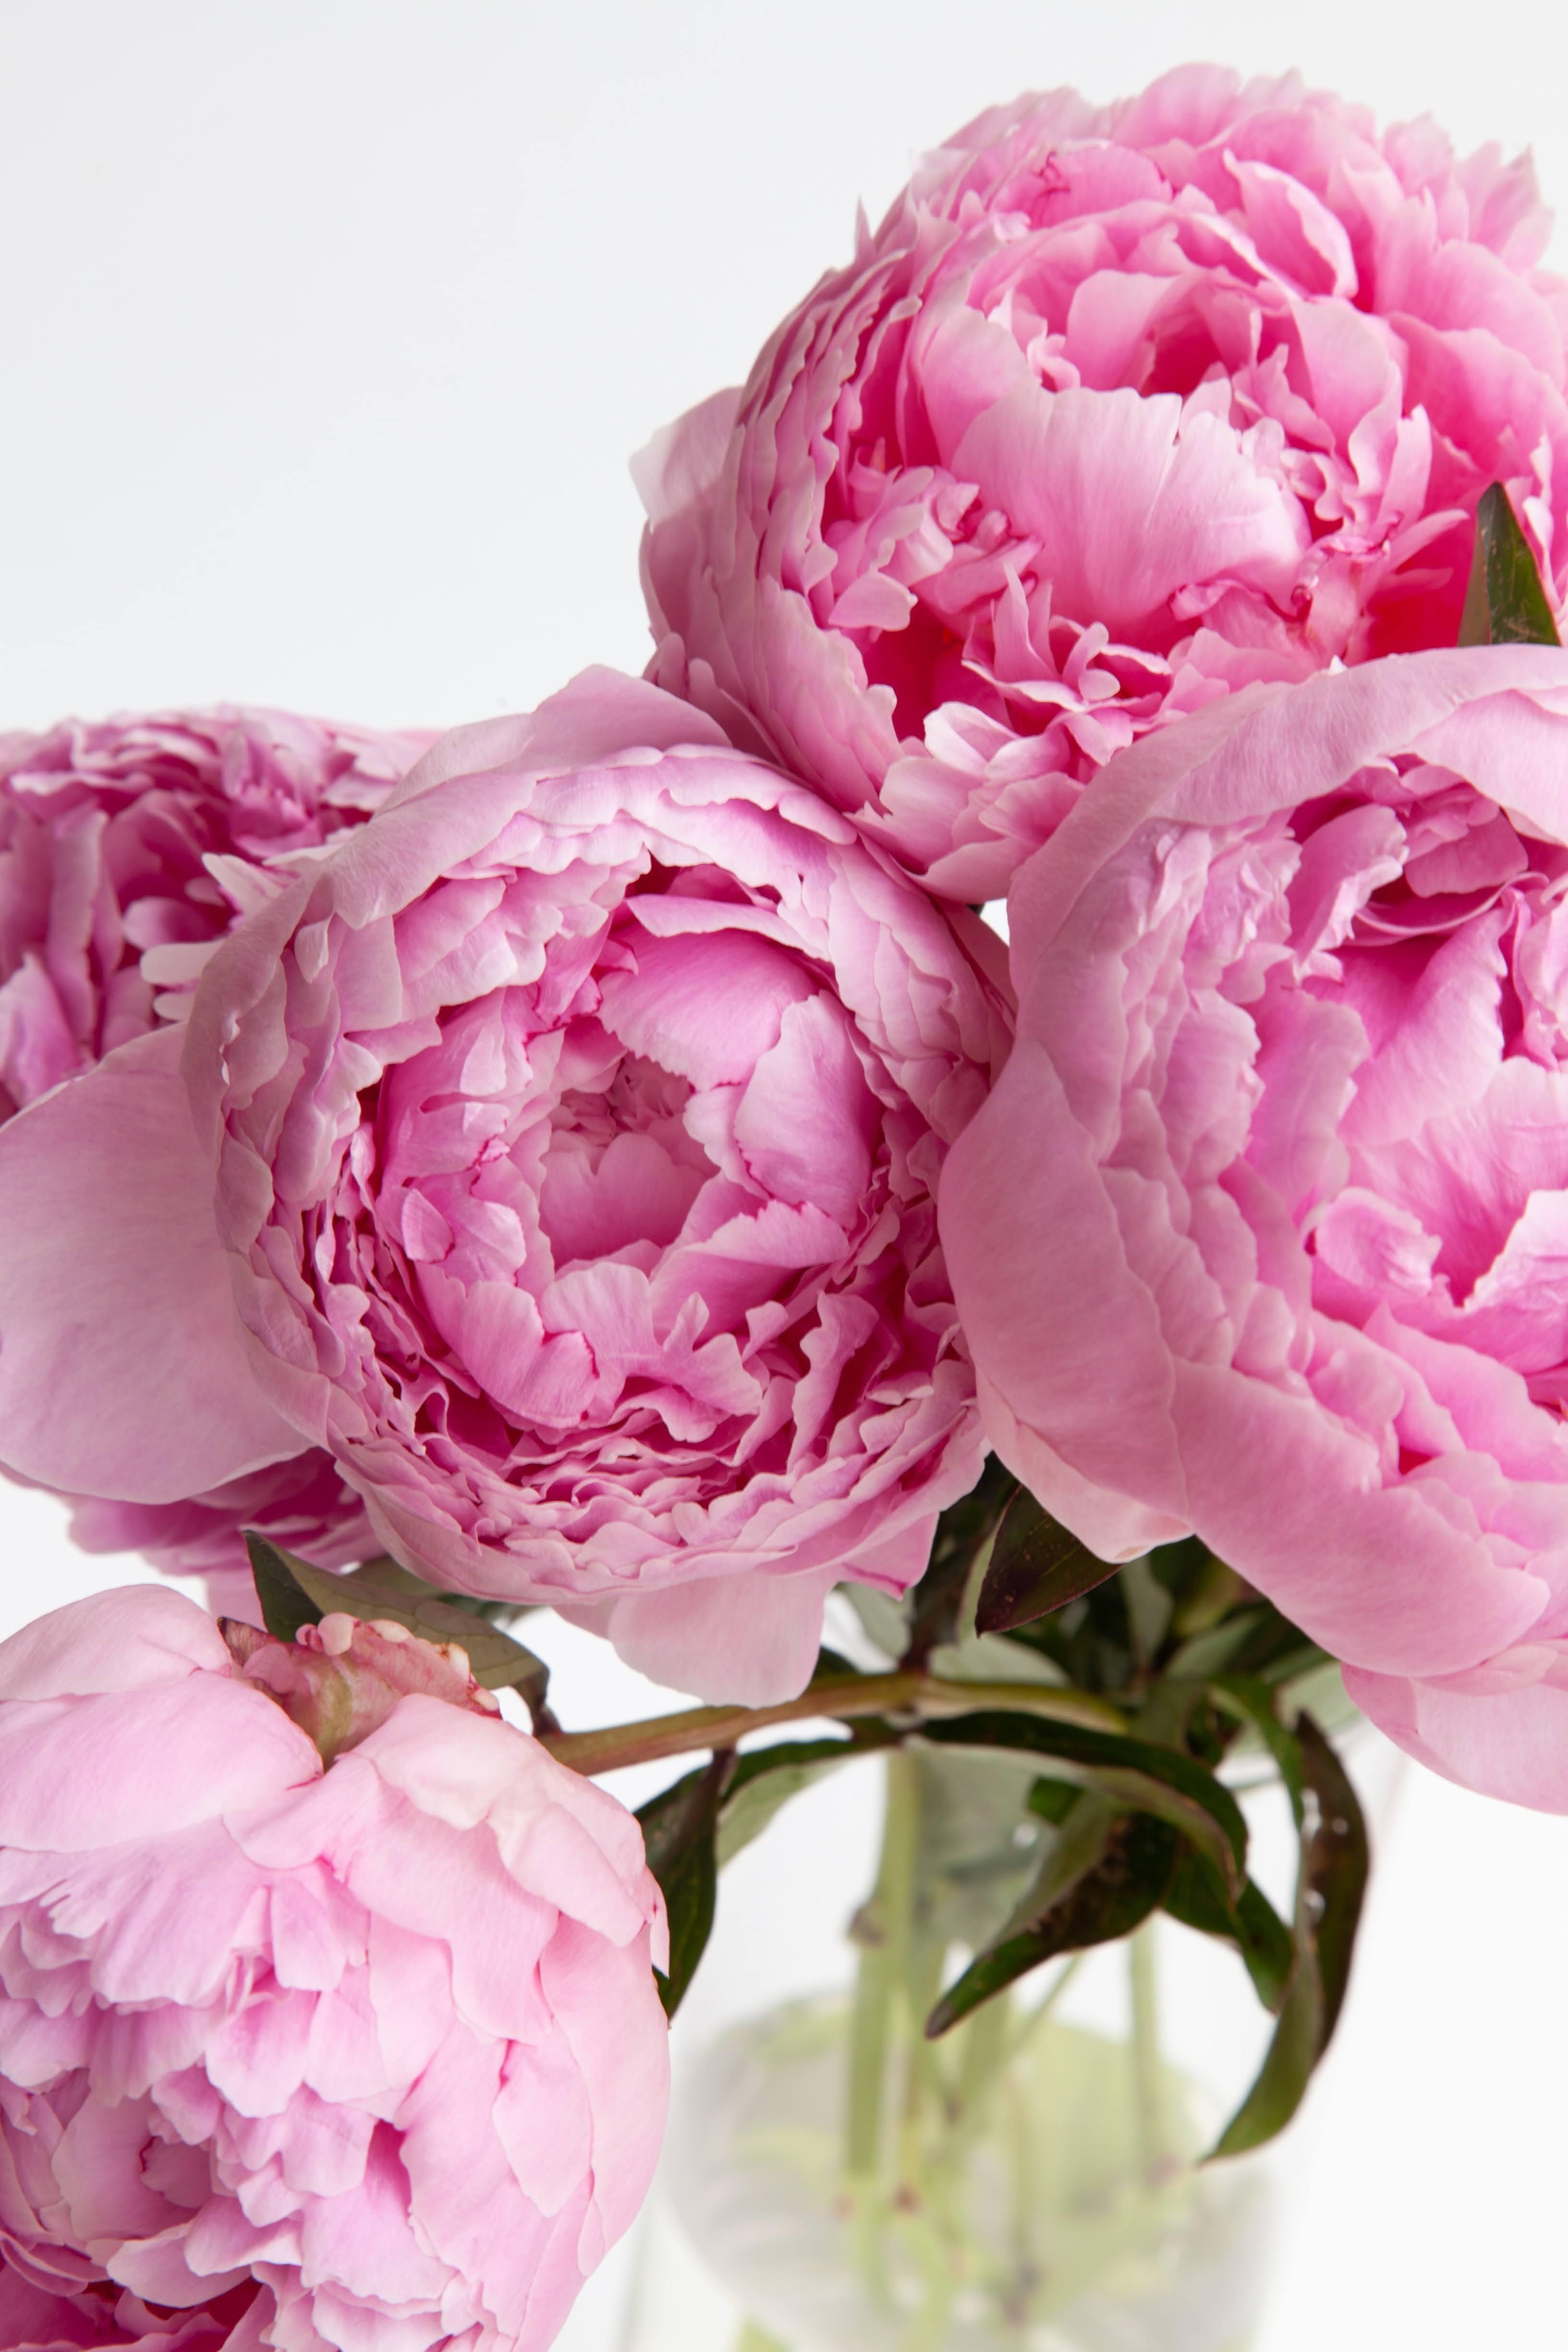 Pink Peonies in Clear Vase | Photo by Rebecca Lee Creative via Unsplash